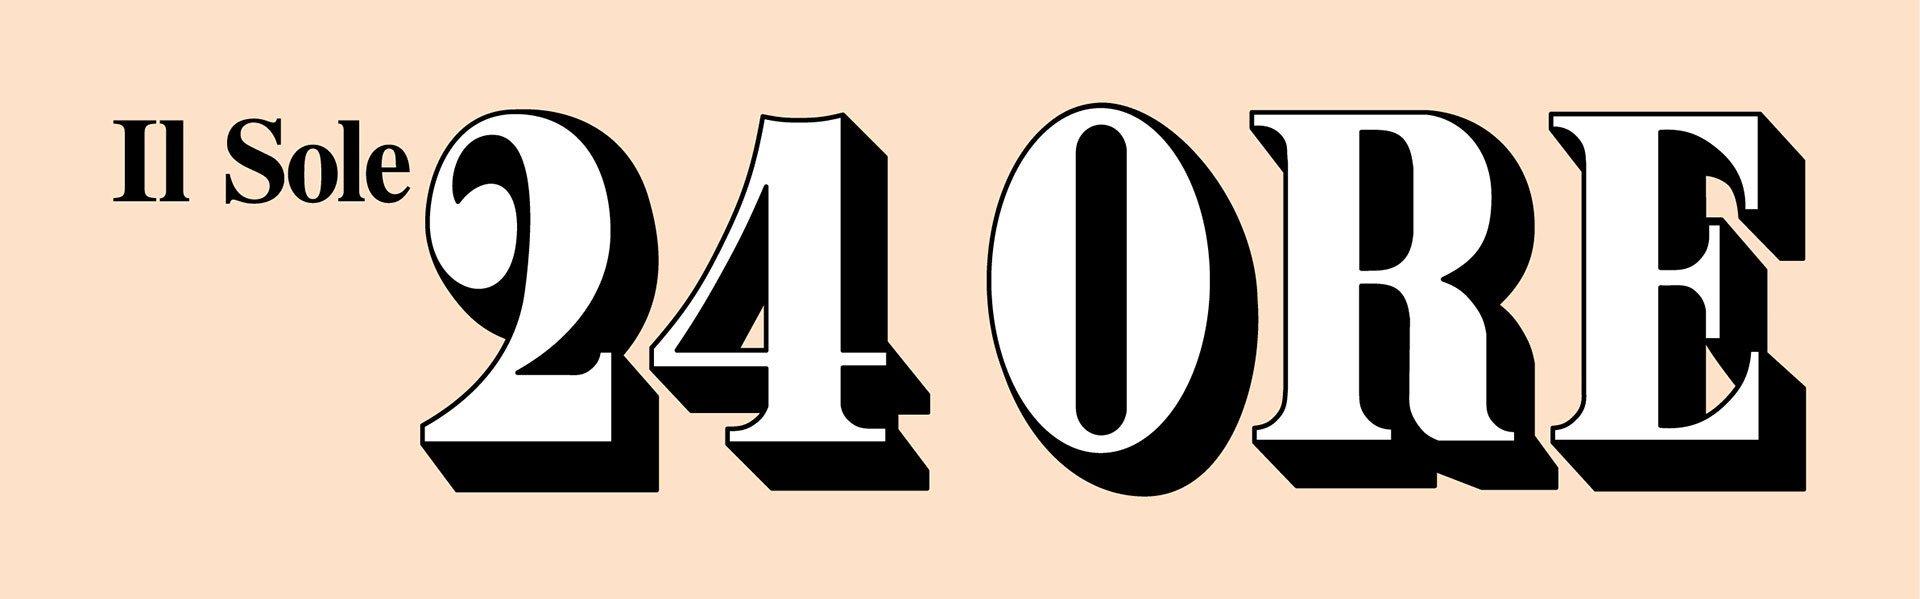 RICERCA & INNOVAZIONE I VALORI PER IL FUTURO – PUBBLICAZIONE SU IL SOLE 24 ORE DEL 26 OTTOBRE 2015